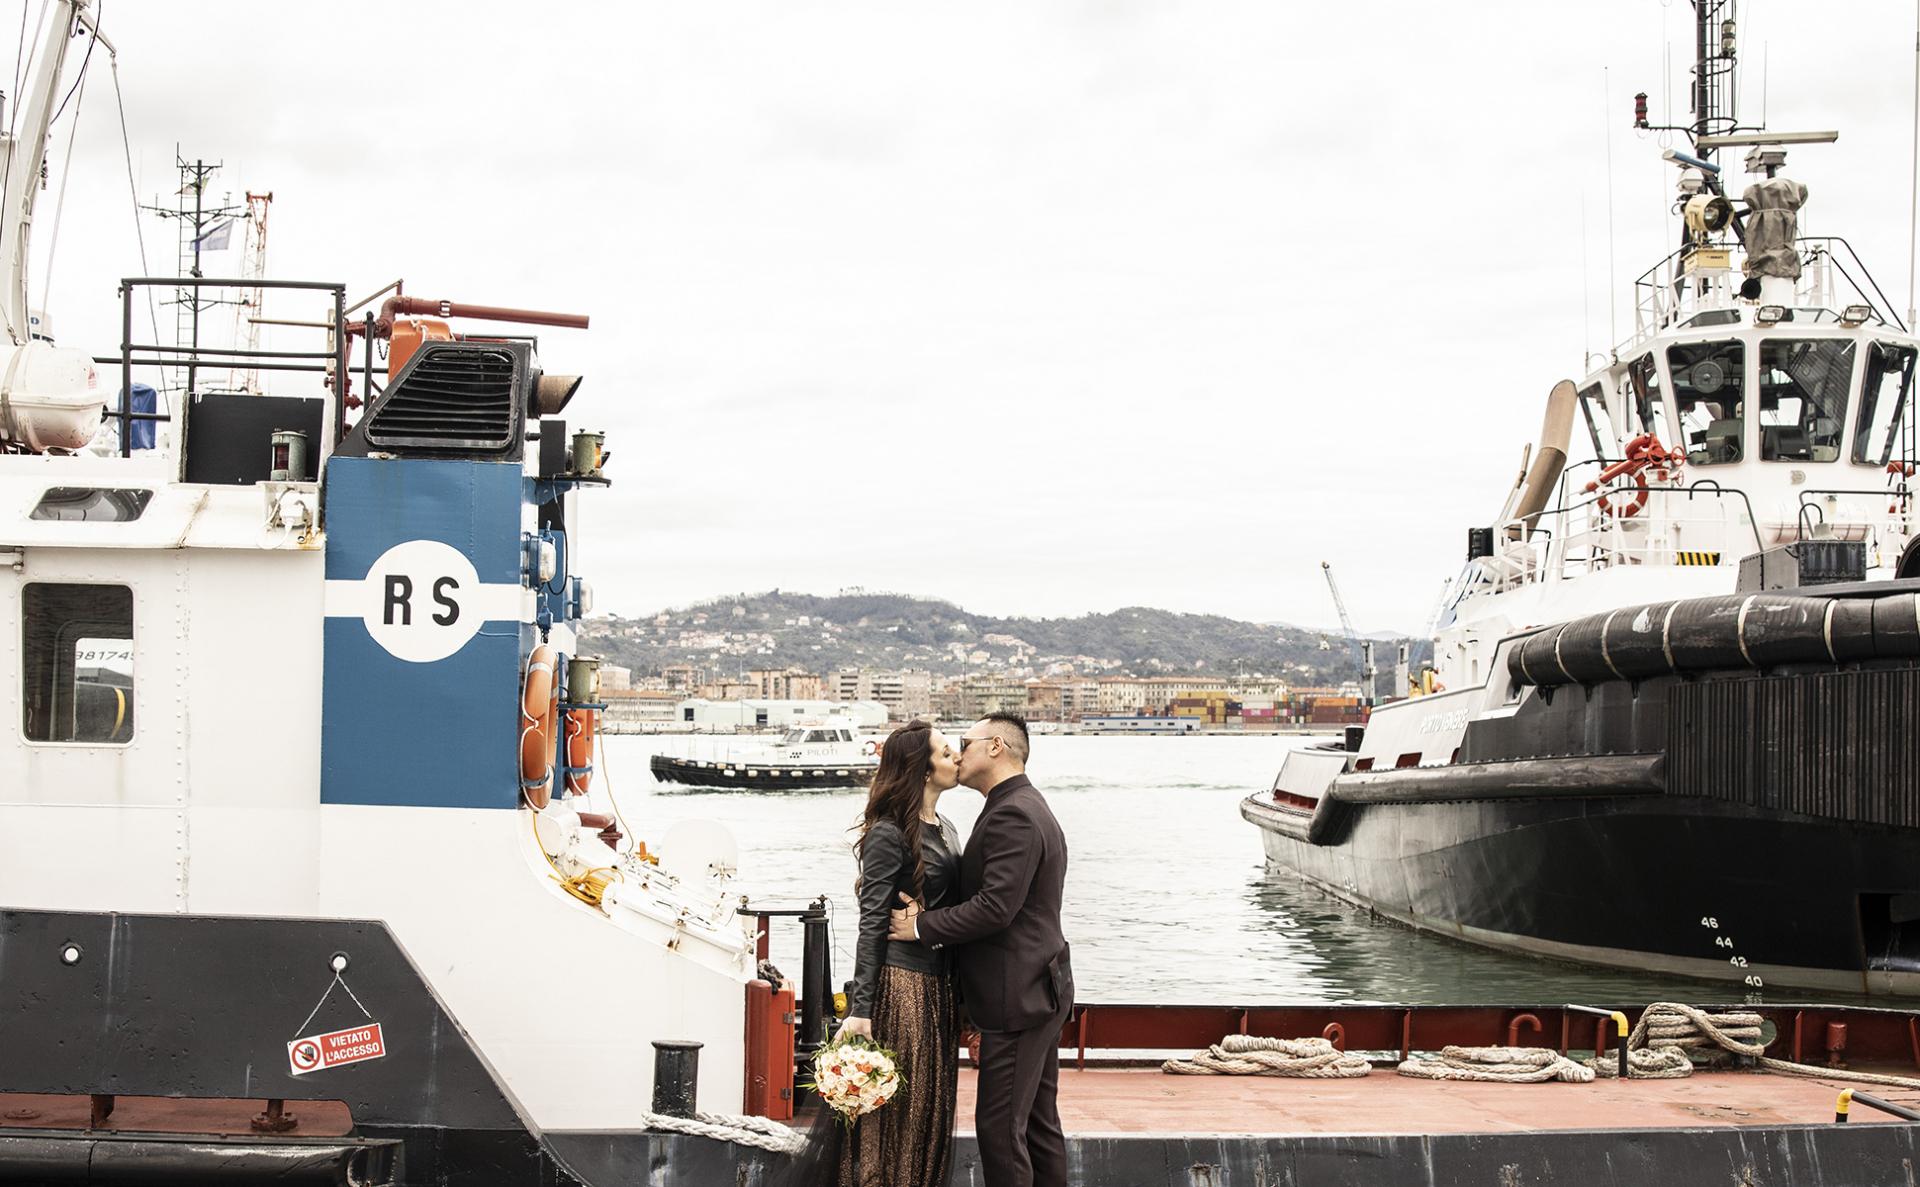 La Spezia Elopement Portrait du couple   Les jeunes mariés se tiennent ensemble sur un bateau, flottant sur une rivière